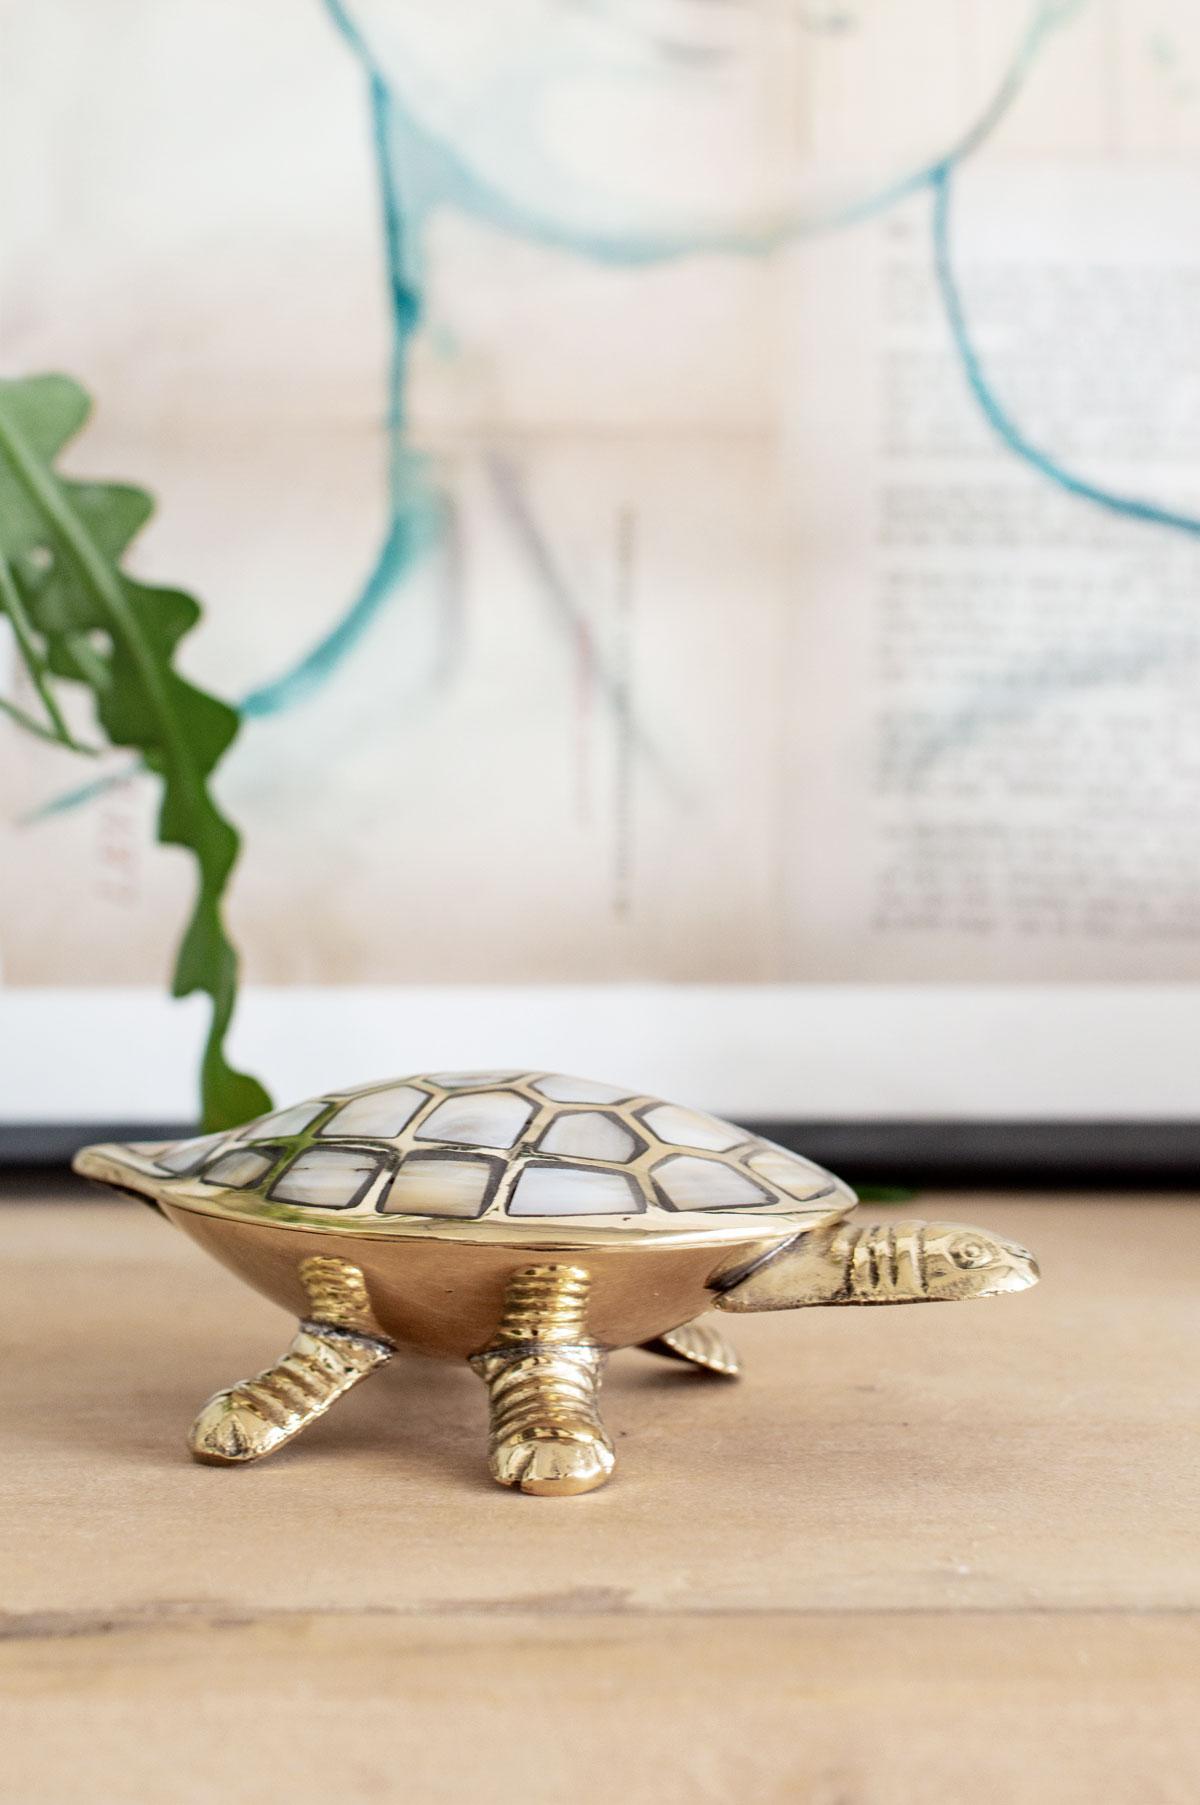 Turtle parelkom - Tanja van Hoogdalem